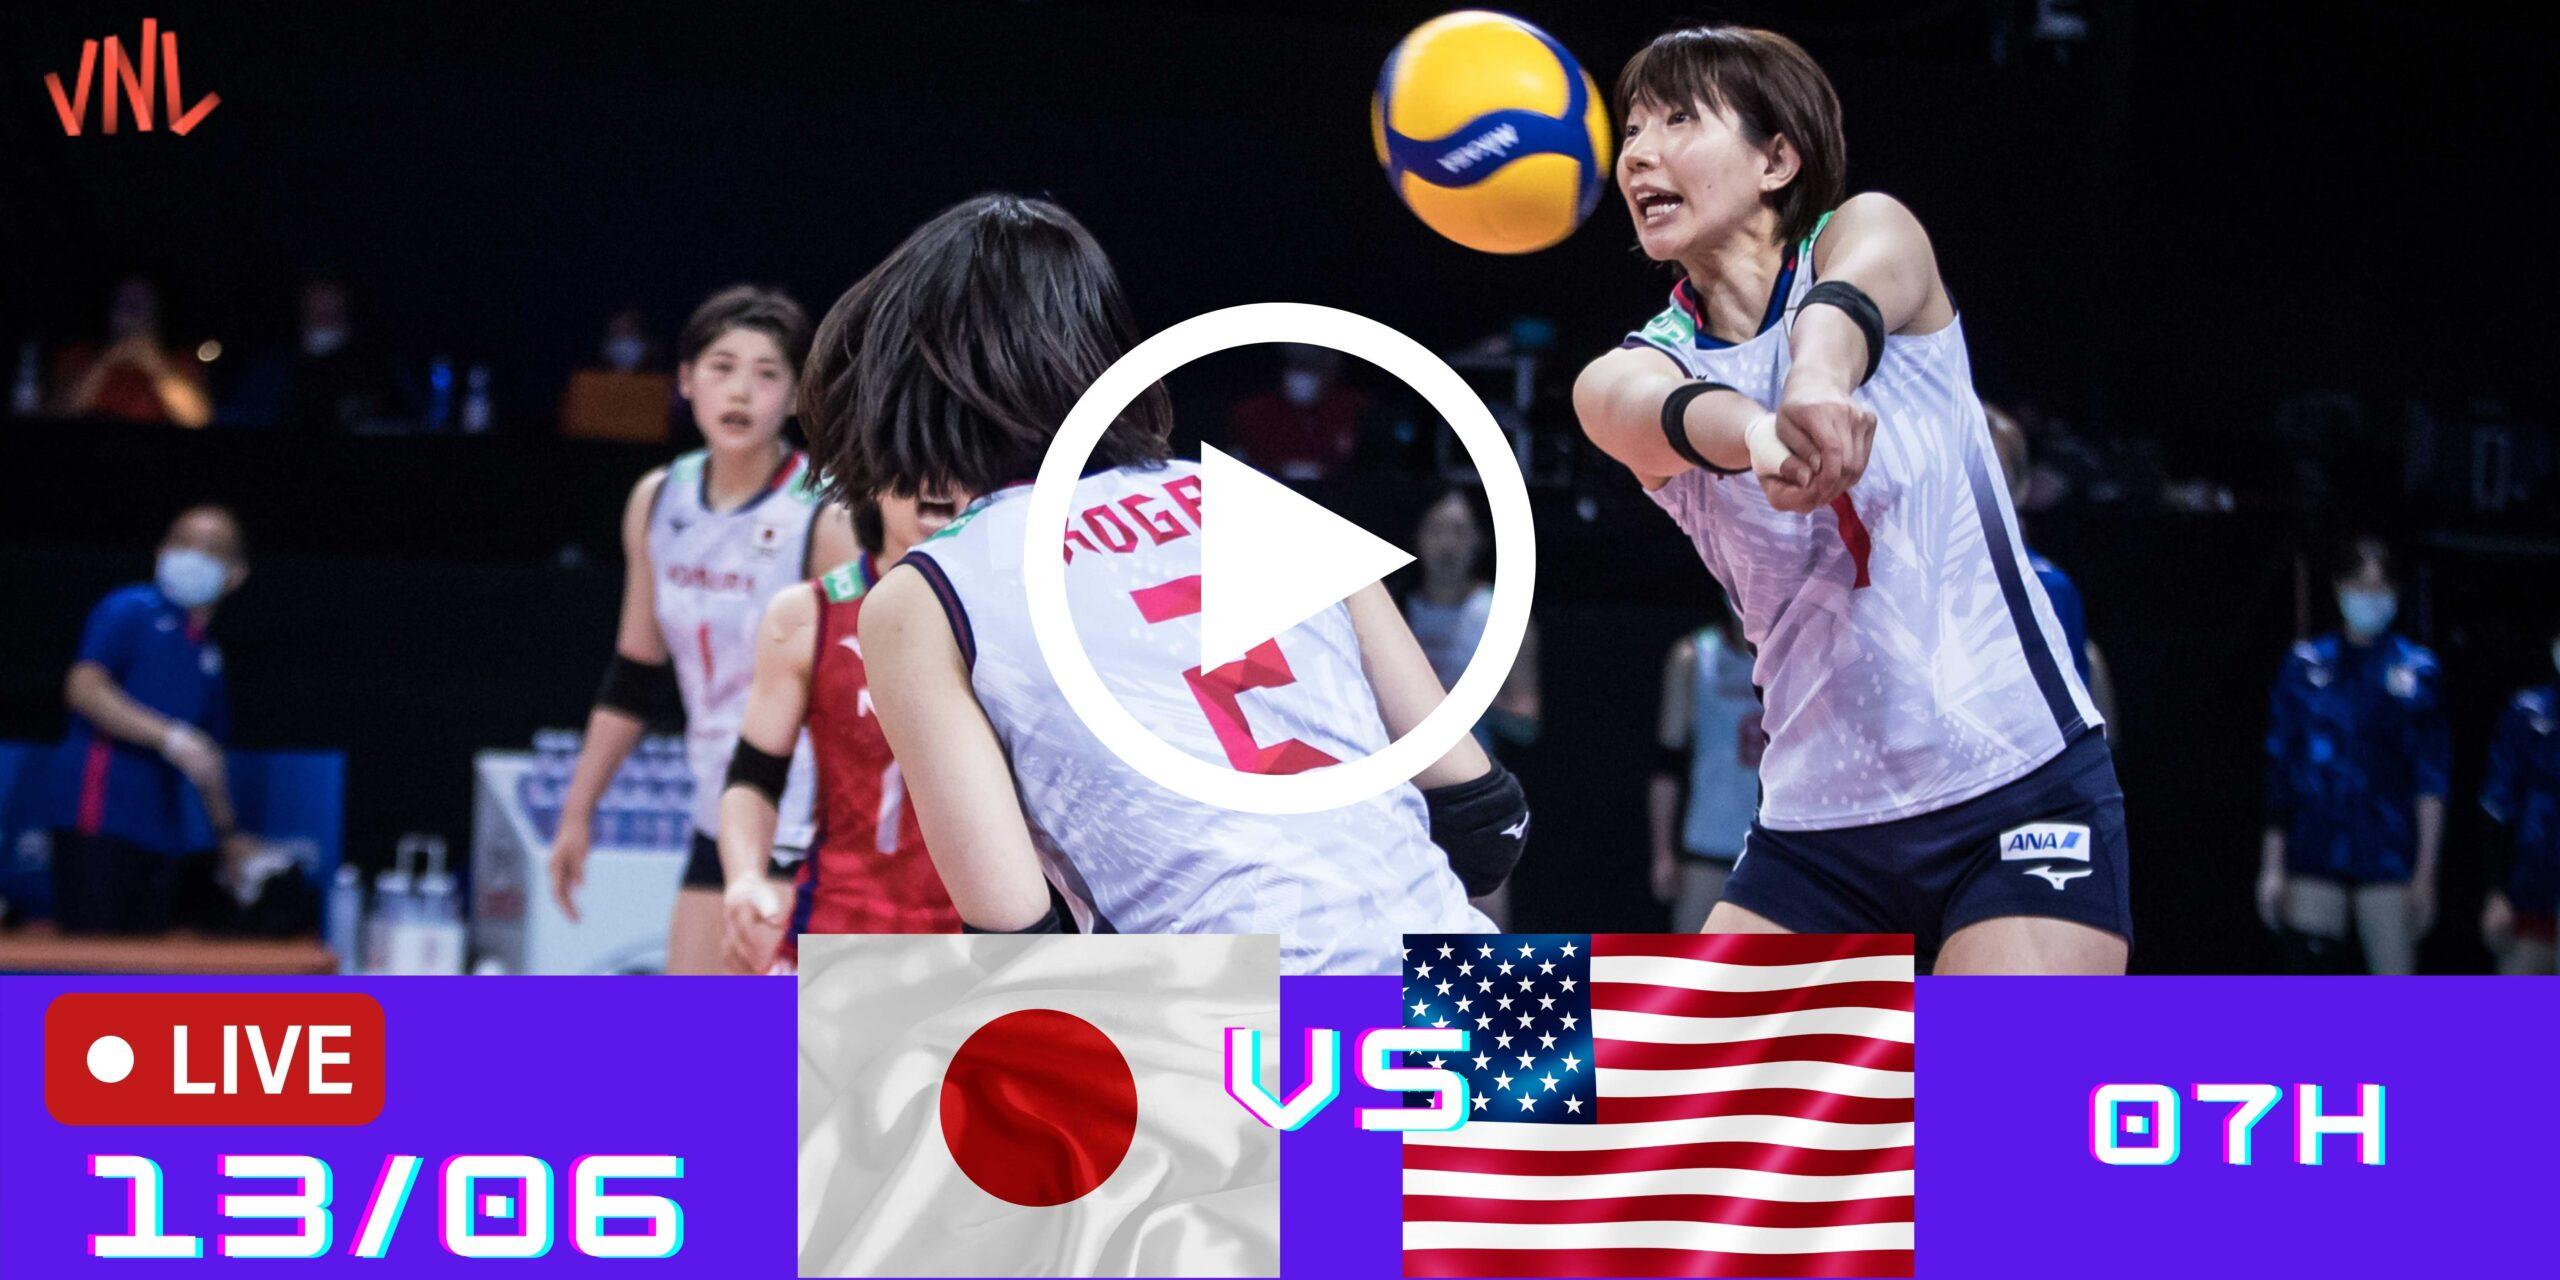 EUA 3 vs 0 Japão – Liga das Nações Feminina – 13/06/2021